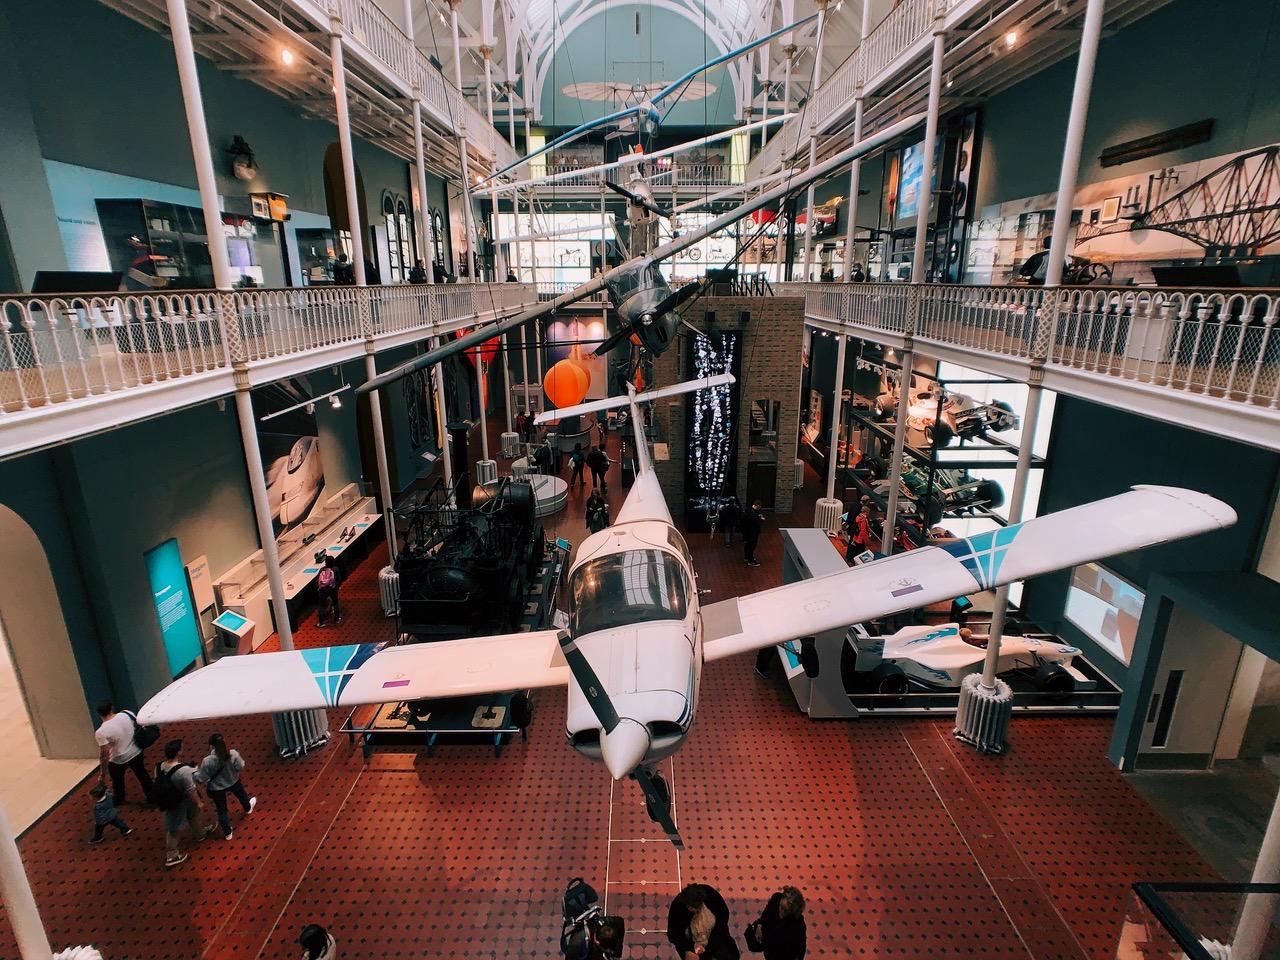 スコットランド国立博物館の館内